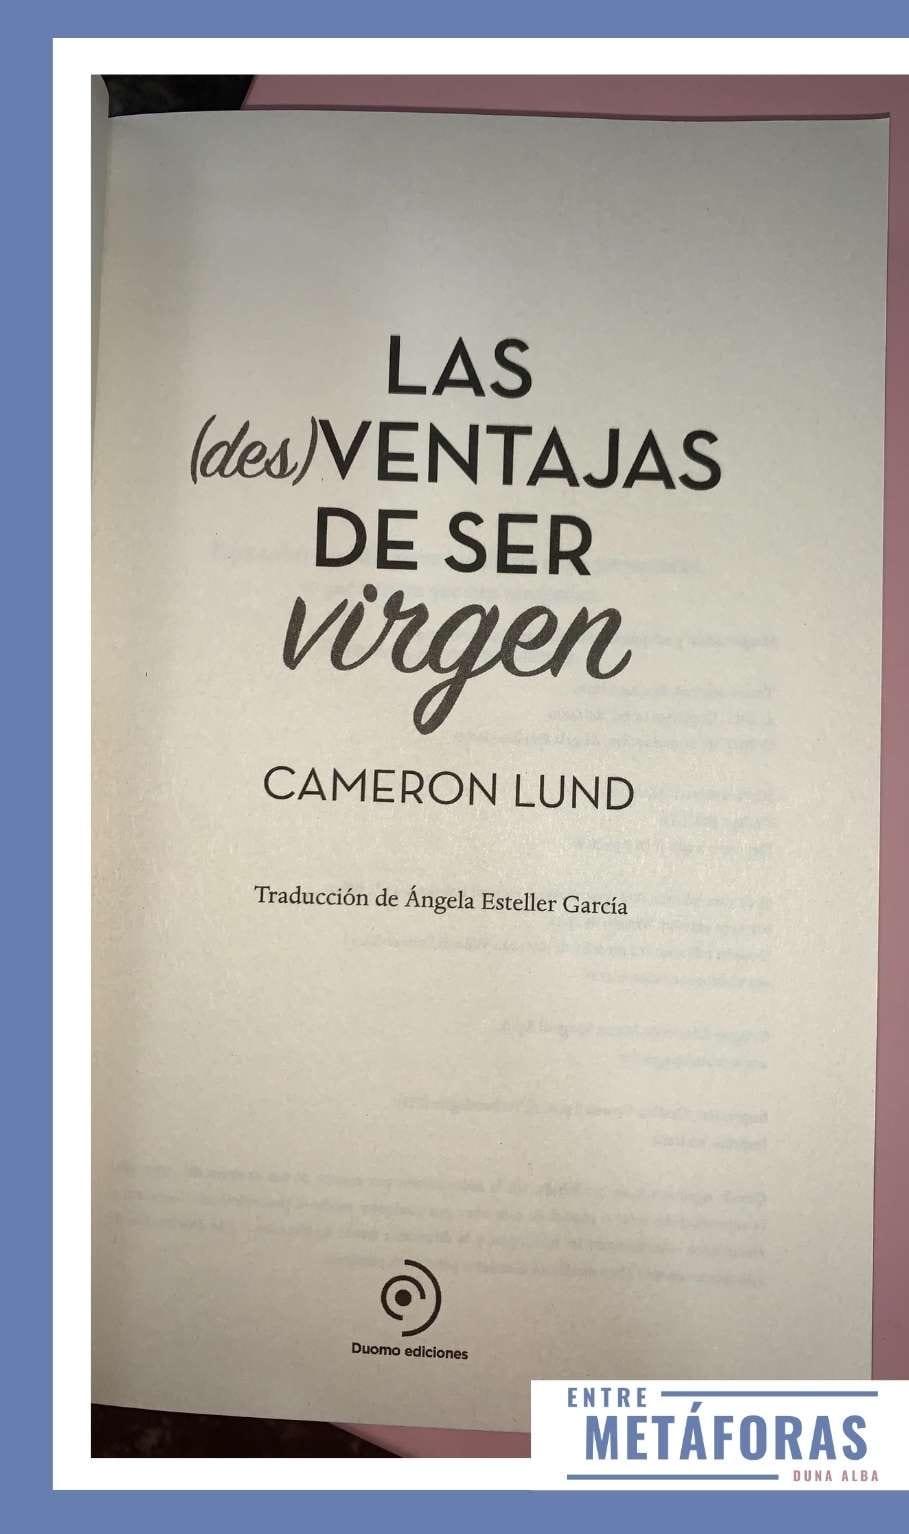 Las (des)ventajas de ser virgen, de Camerón Lund